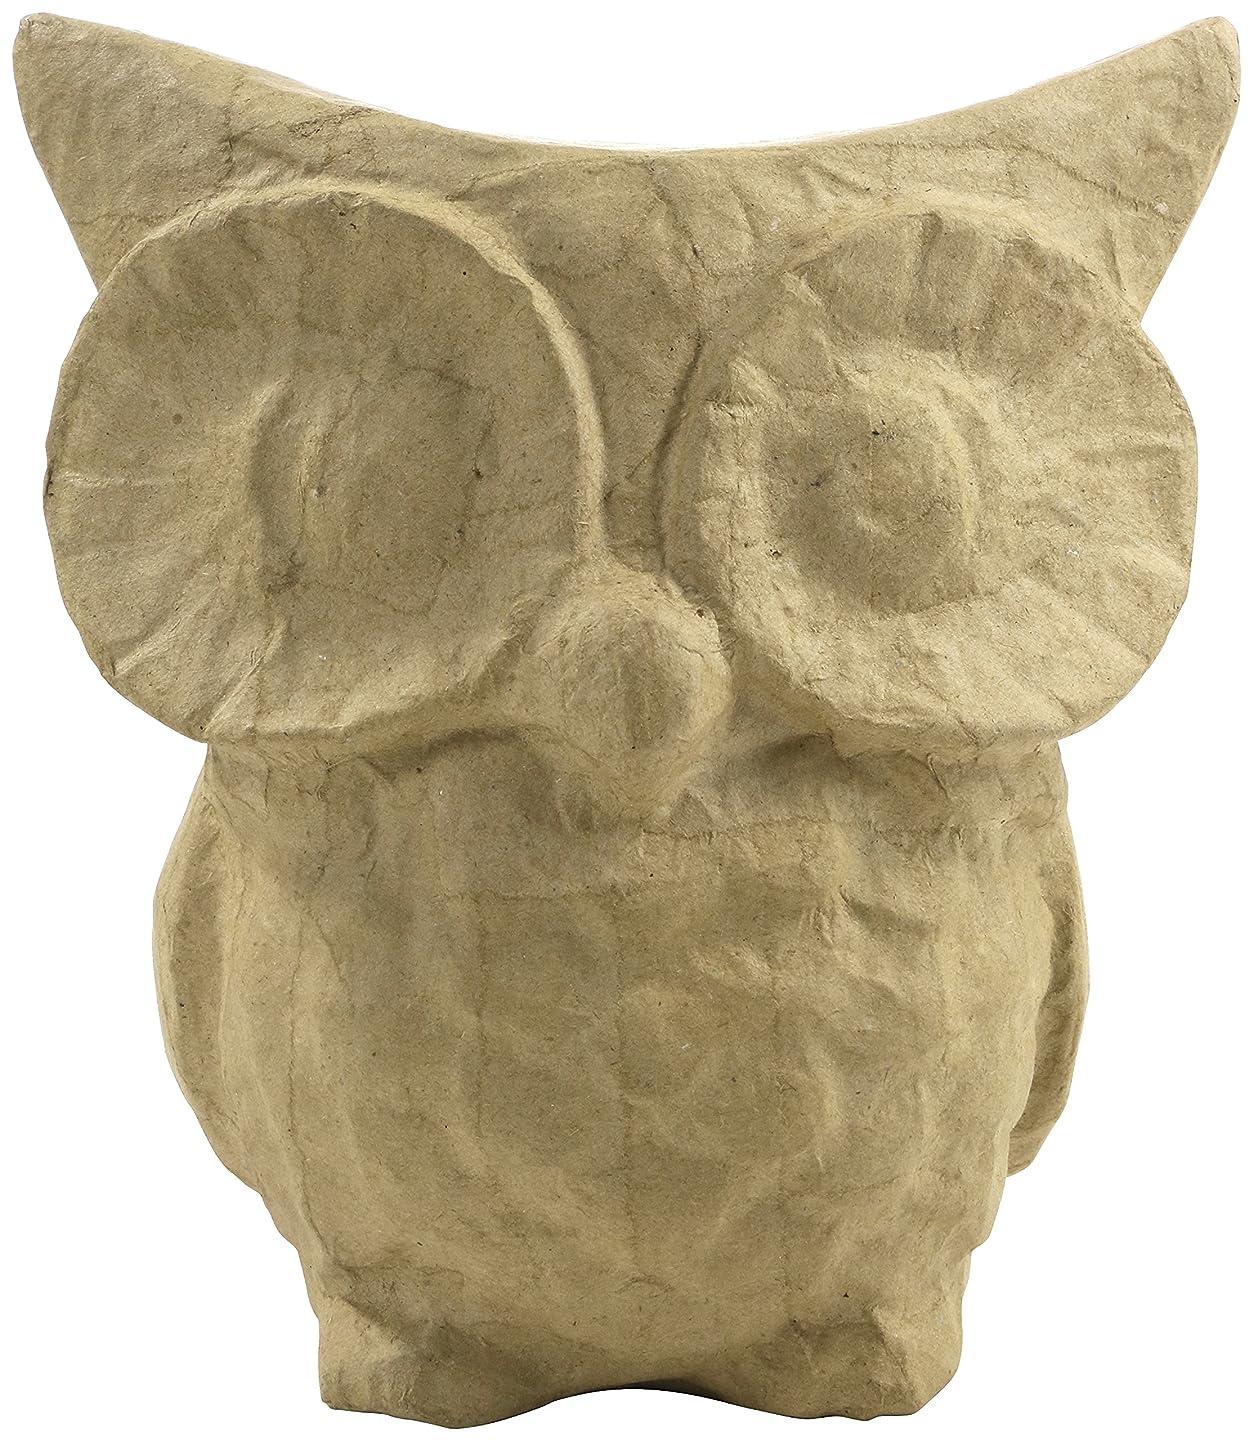 Decopatch Medium Owl Figurine by Decopatch